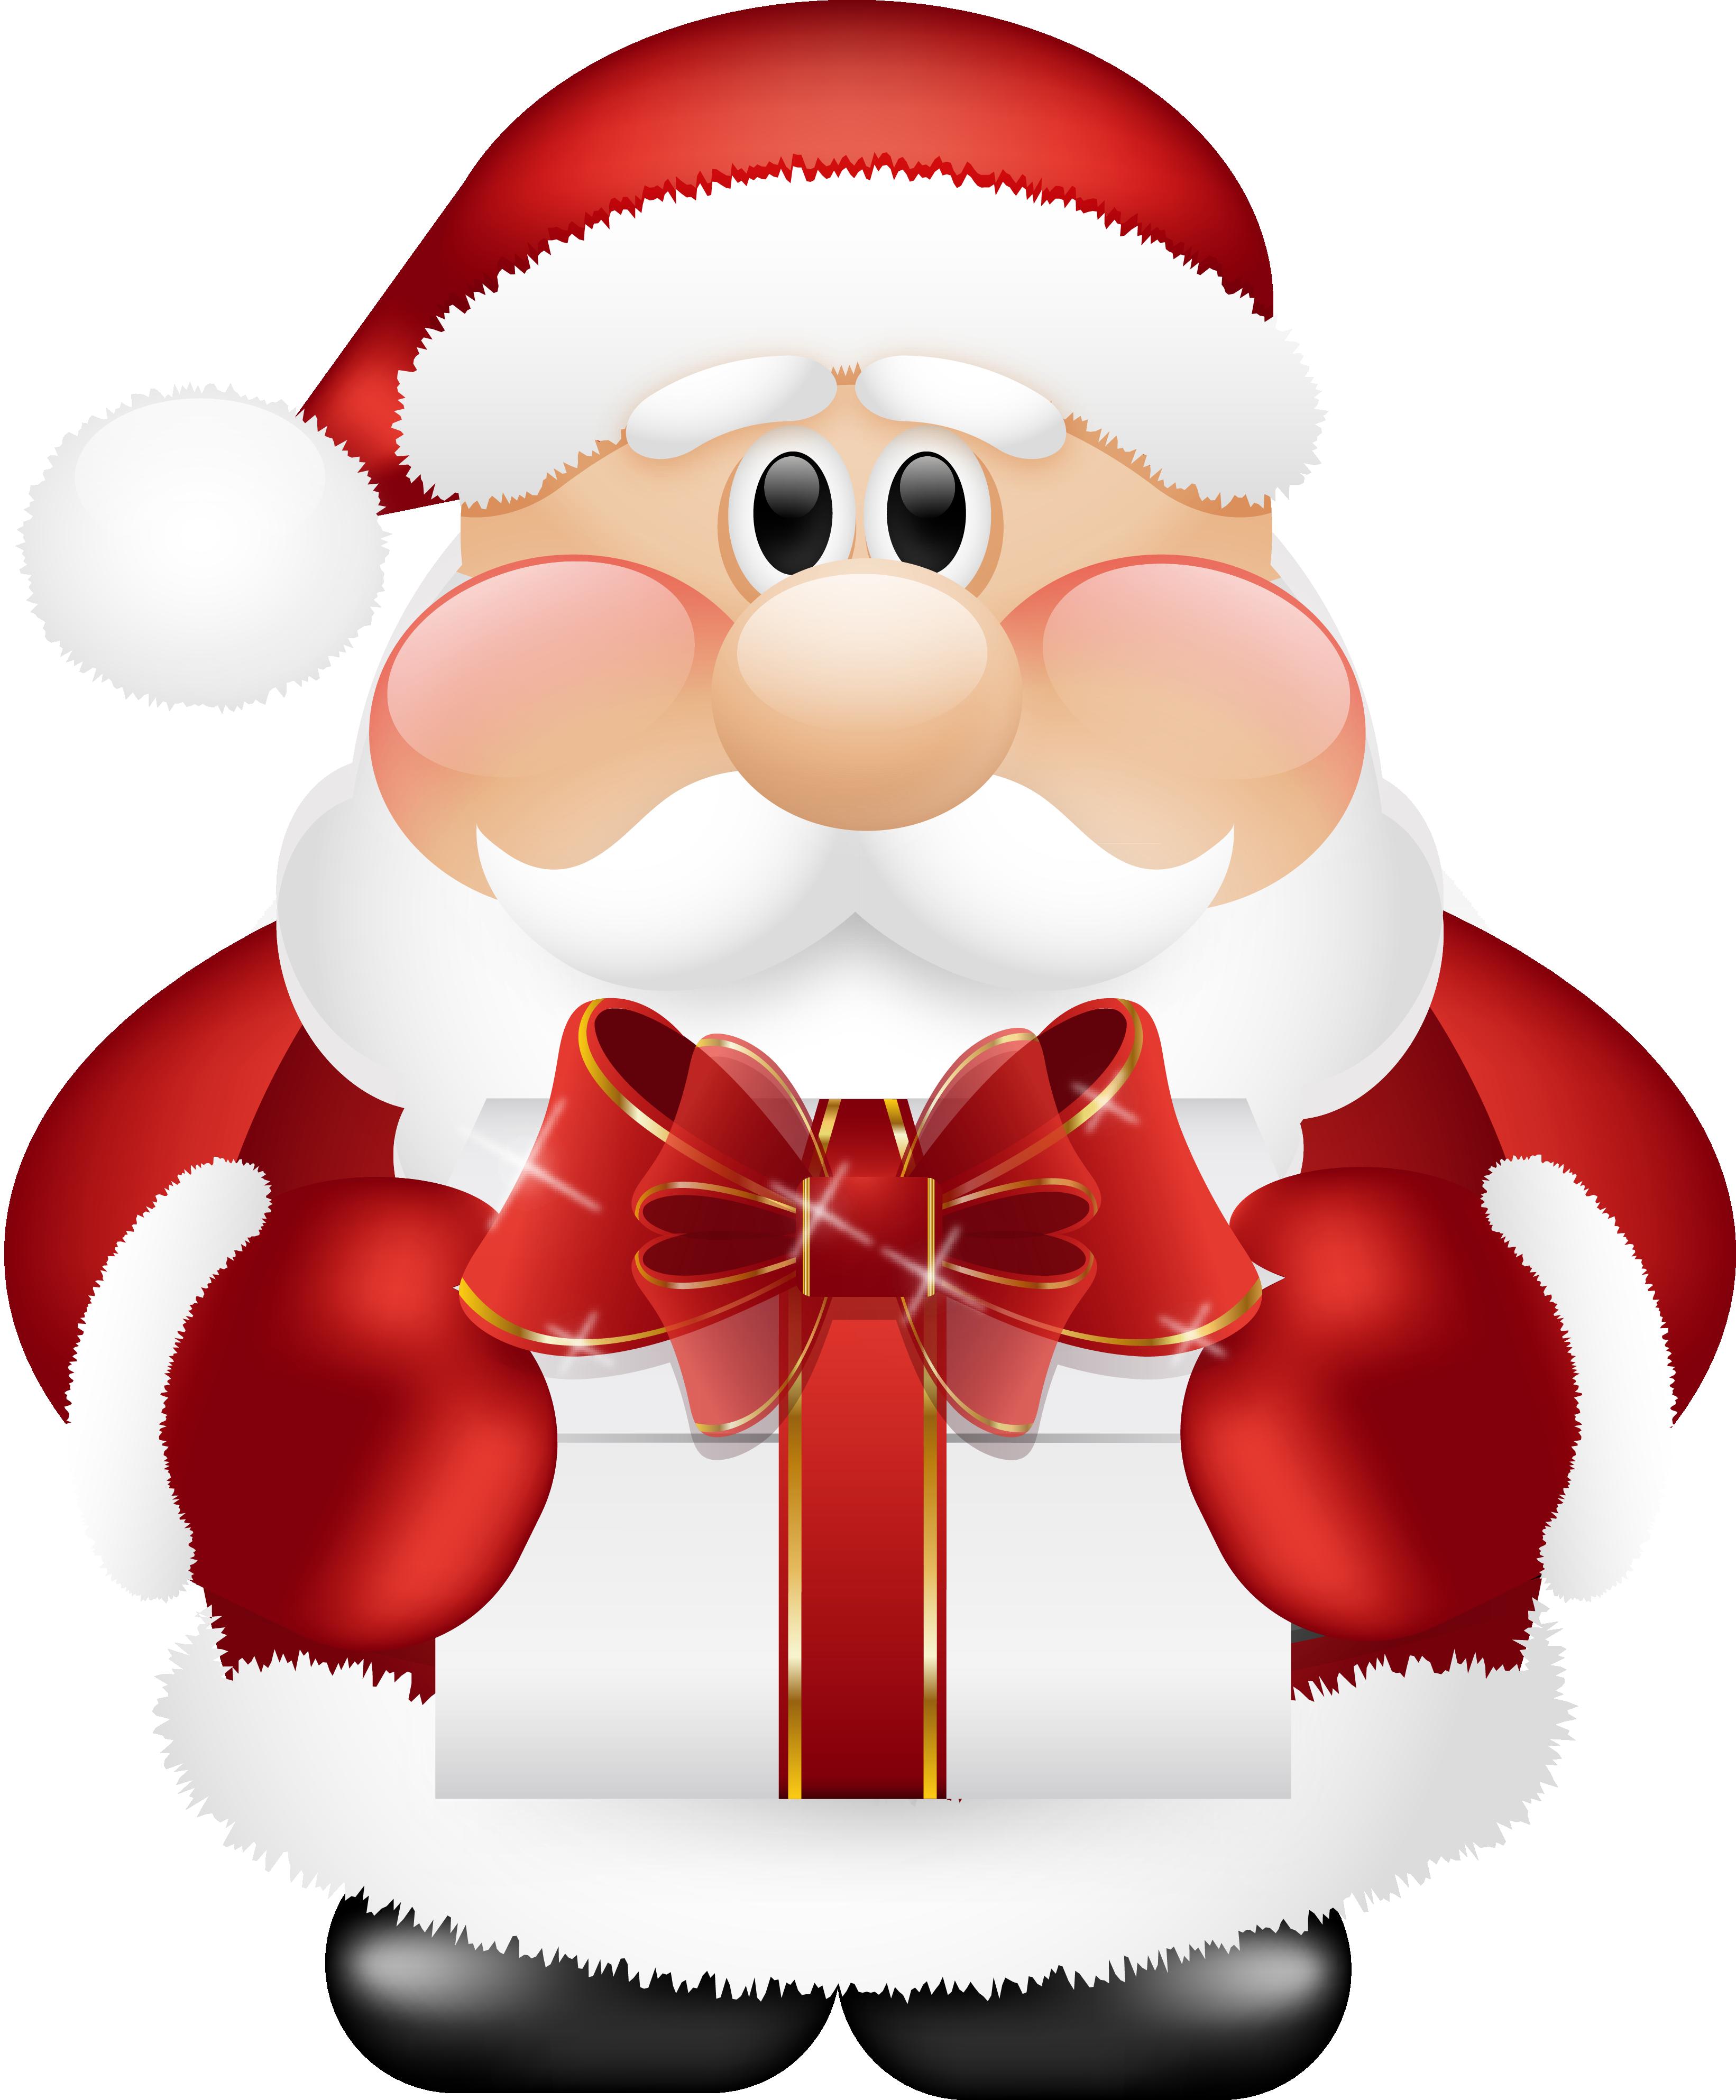 Joy clipart christmas cookie. Santa claus enters the